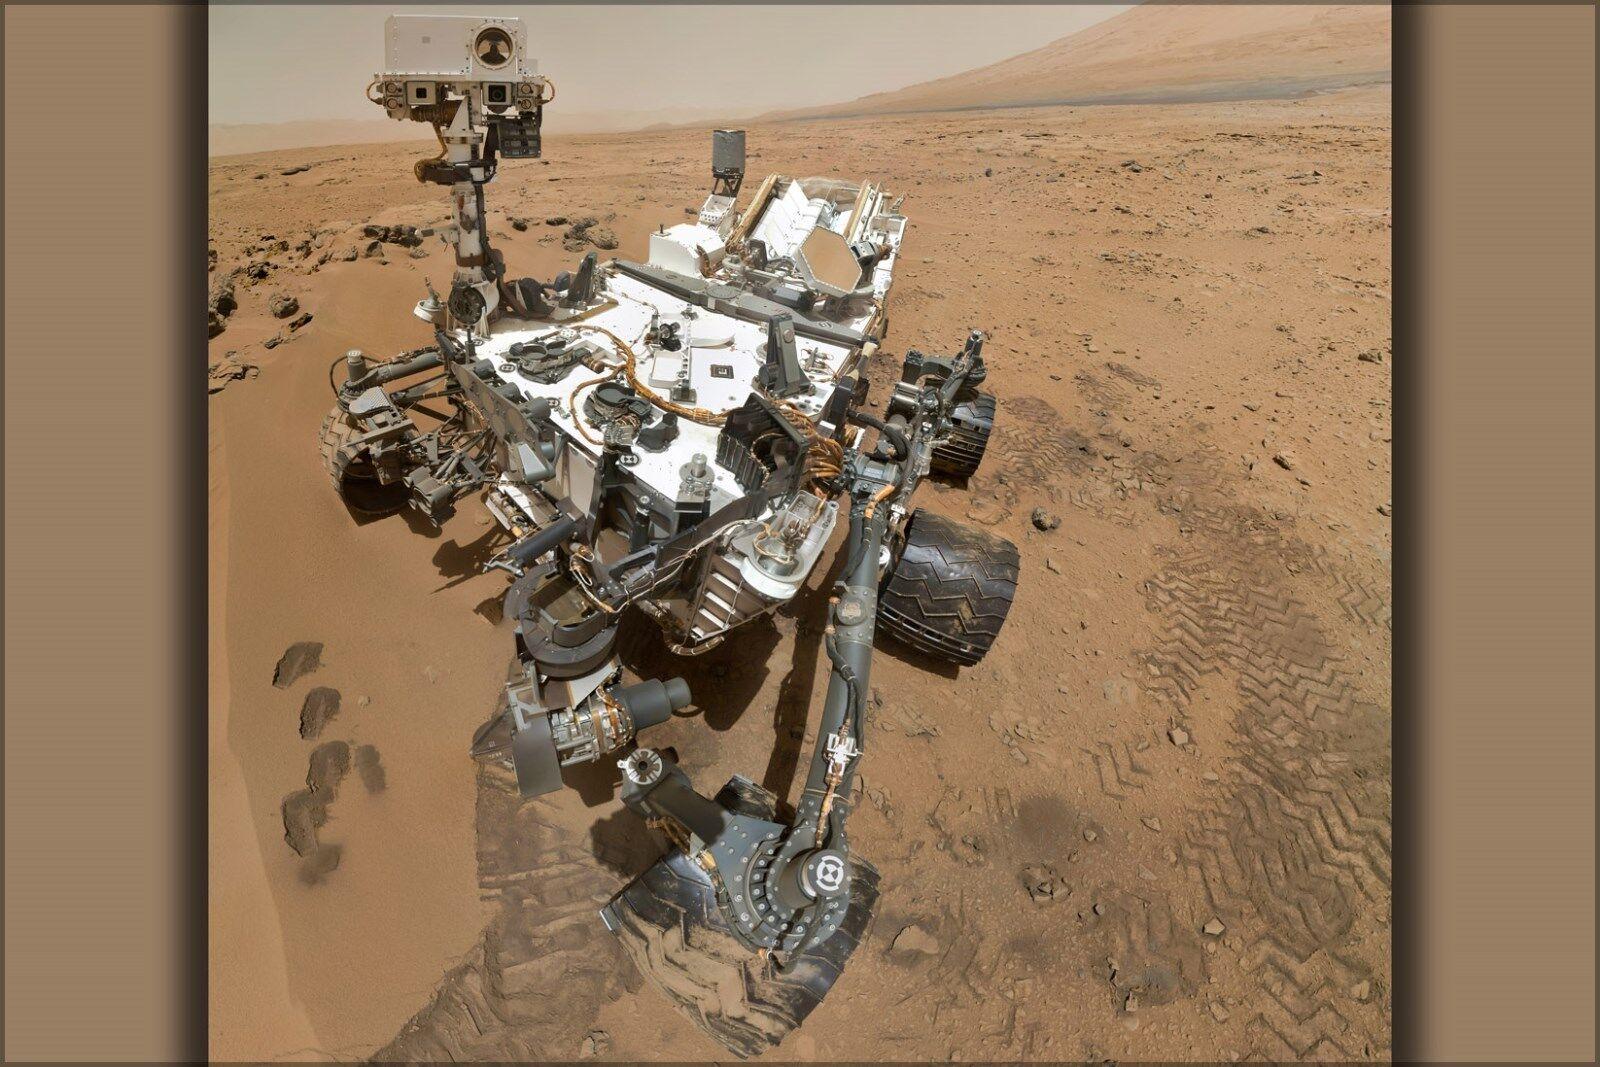 Plakat, Viele Größen; Selbstporträt von Curiosity Rover Arm Kamera On Planet